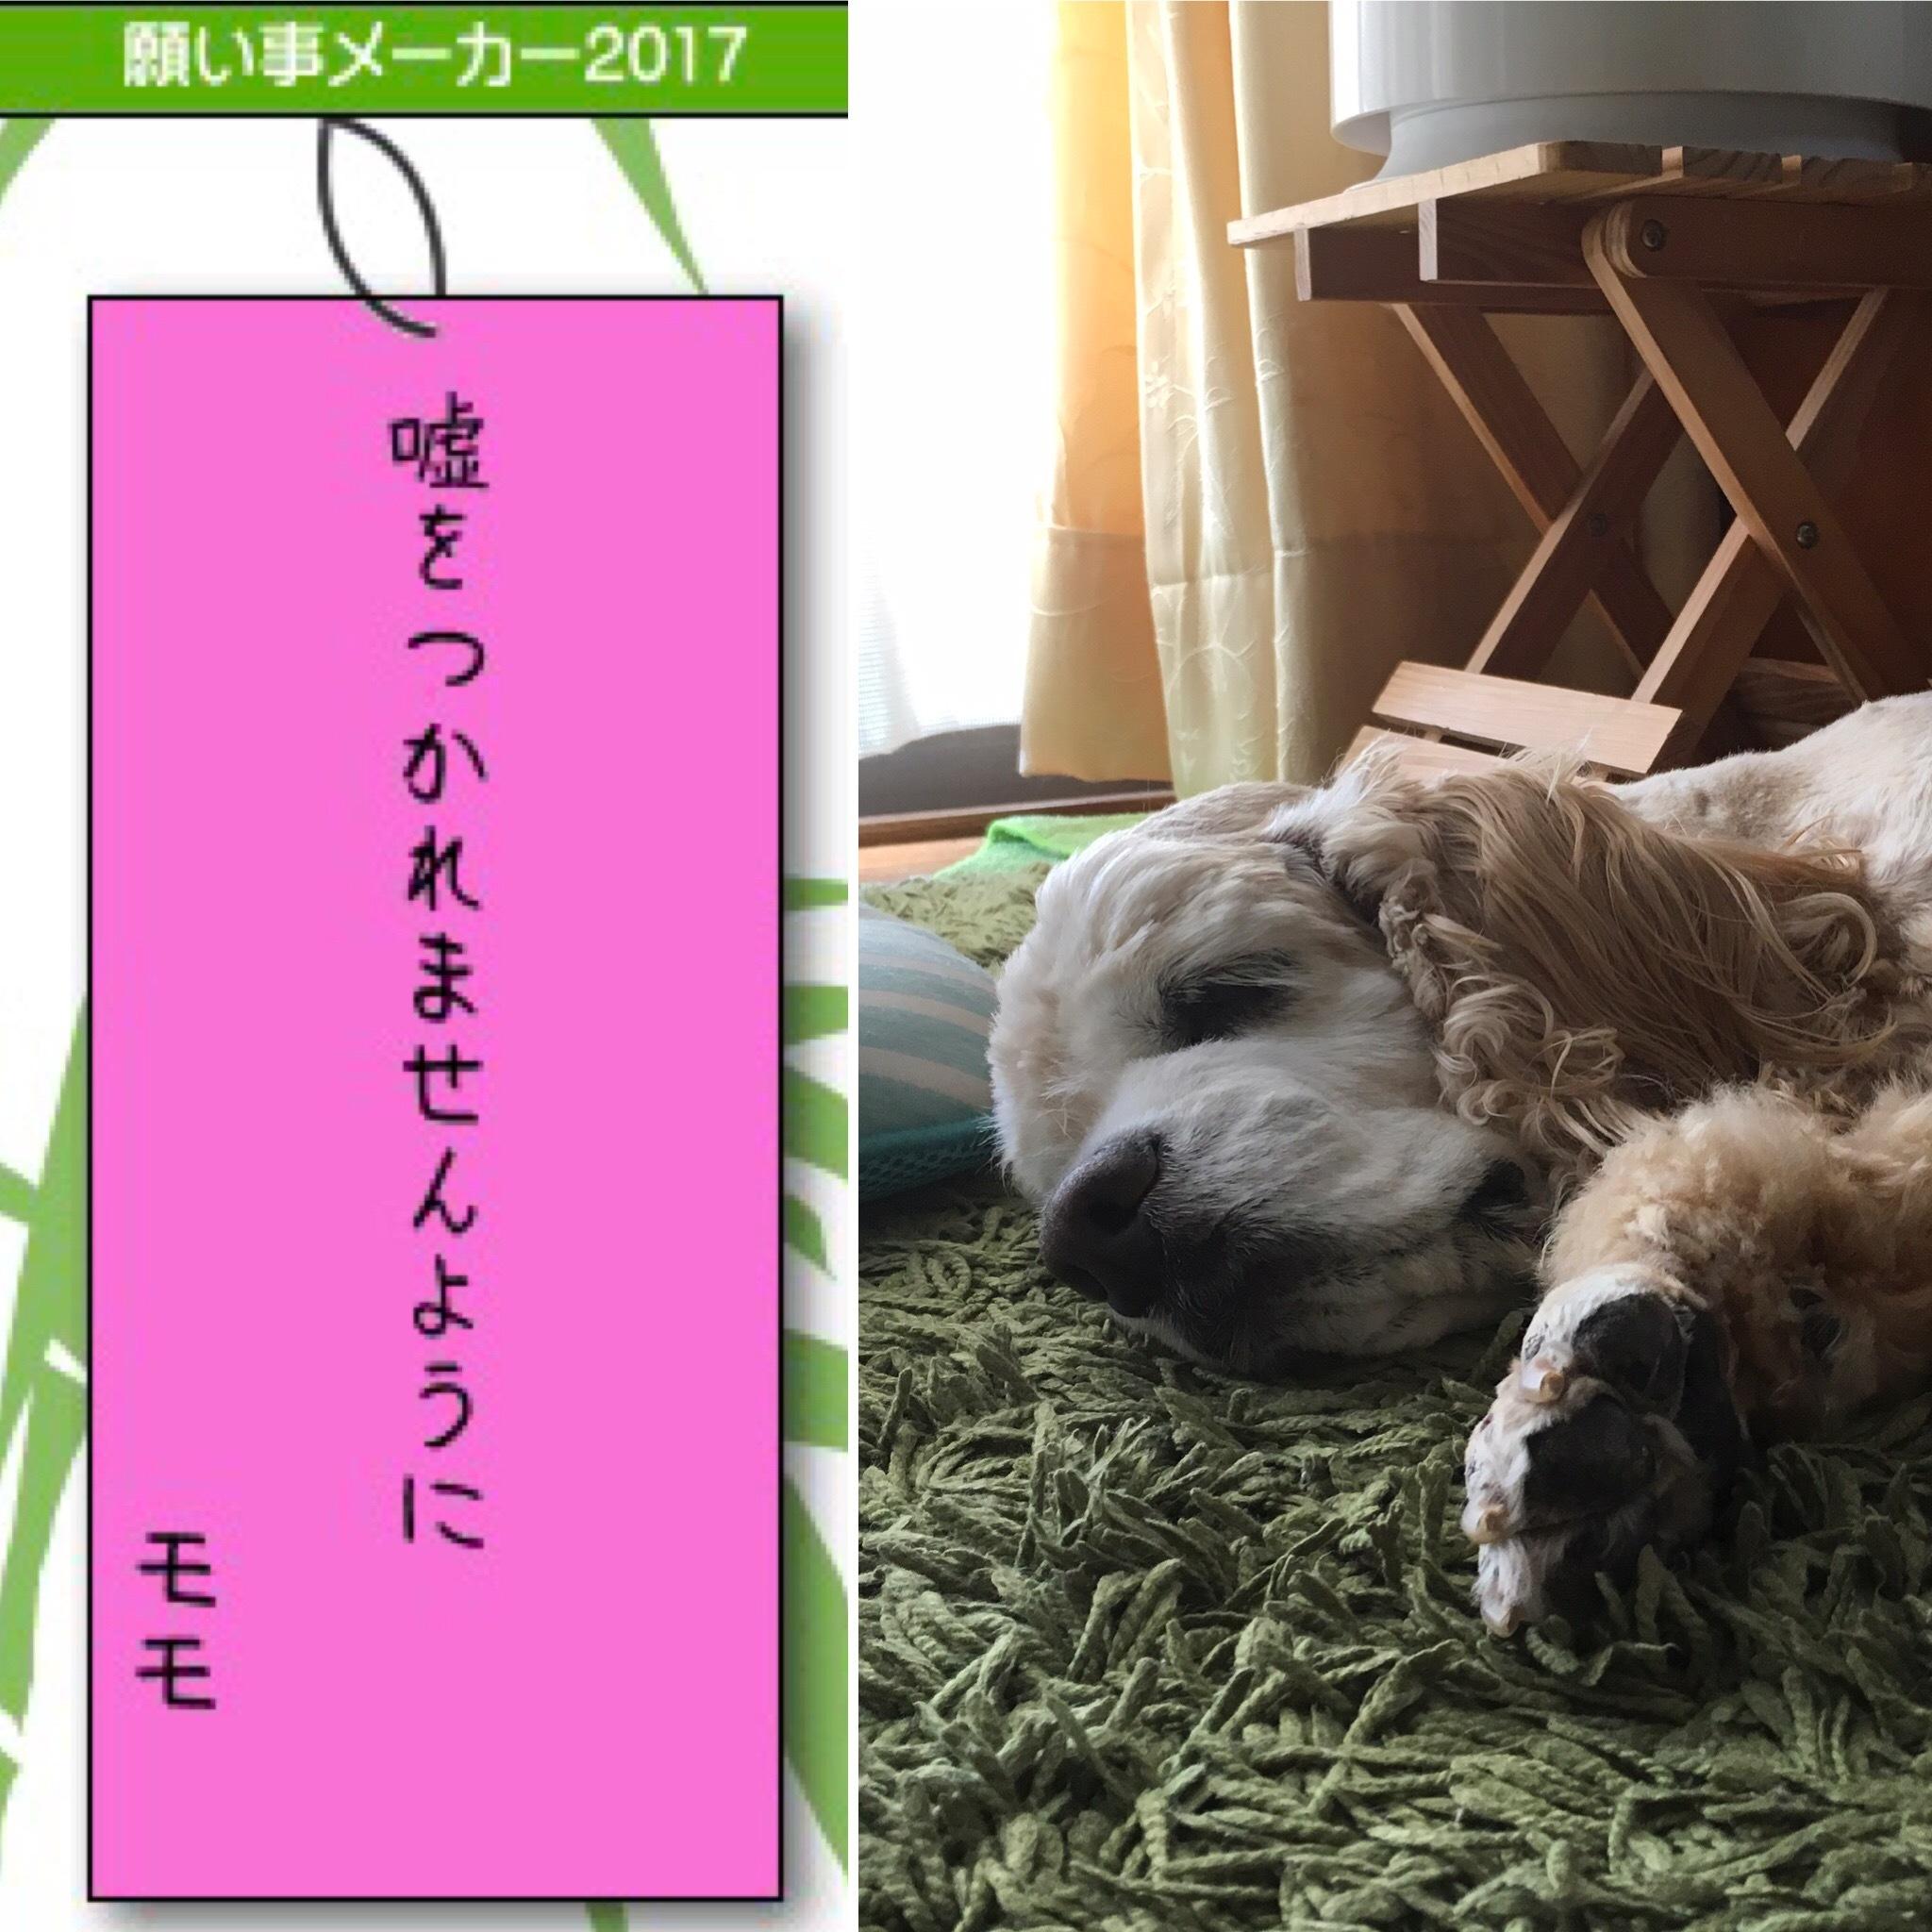 20170707095319116.jpg